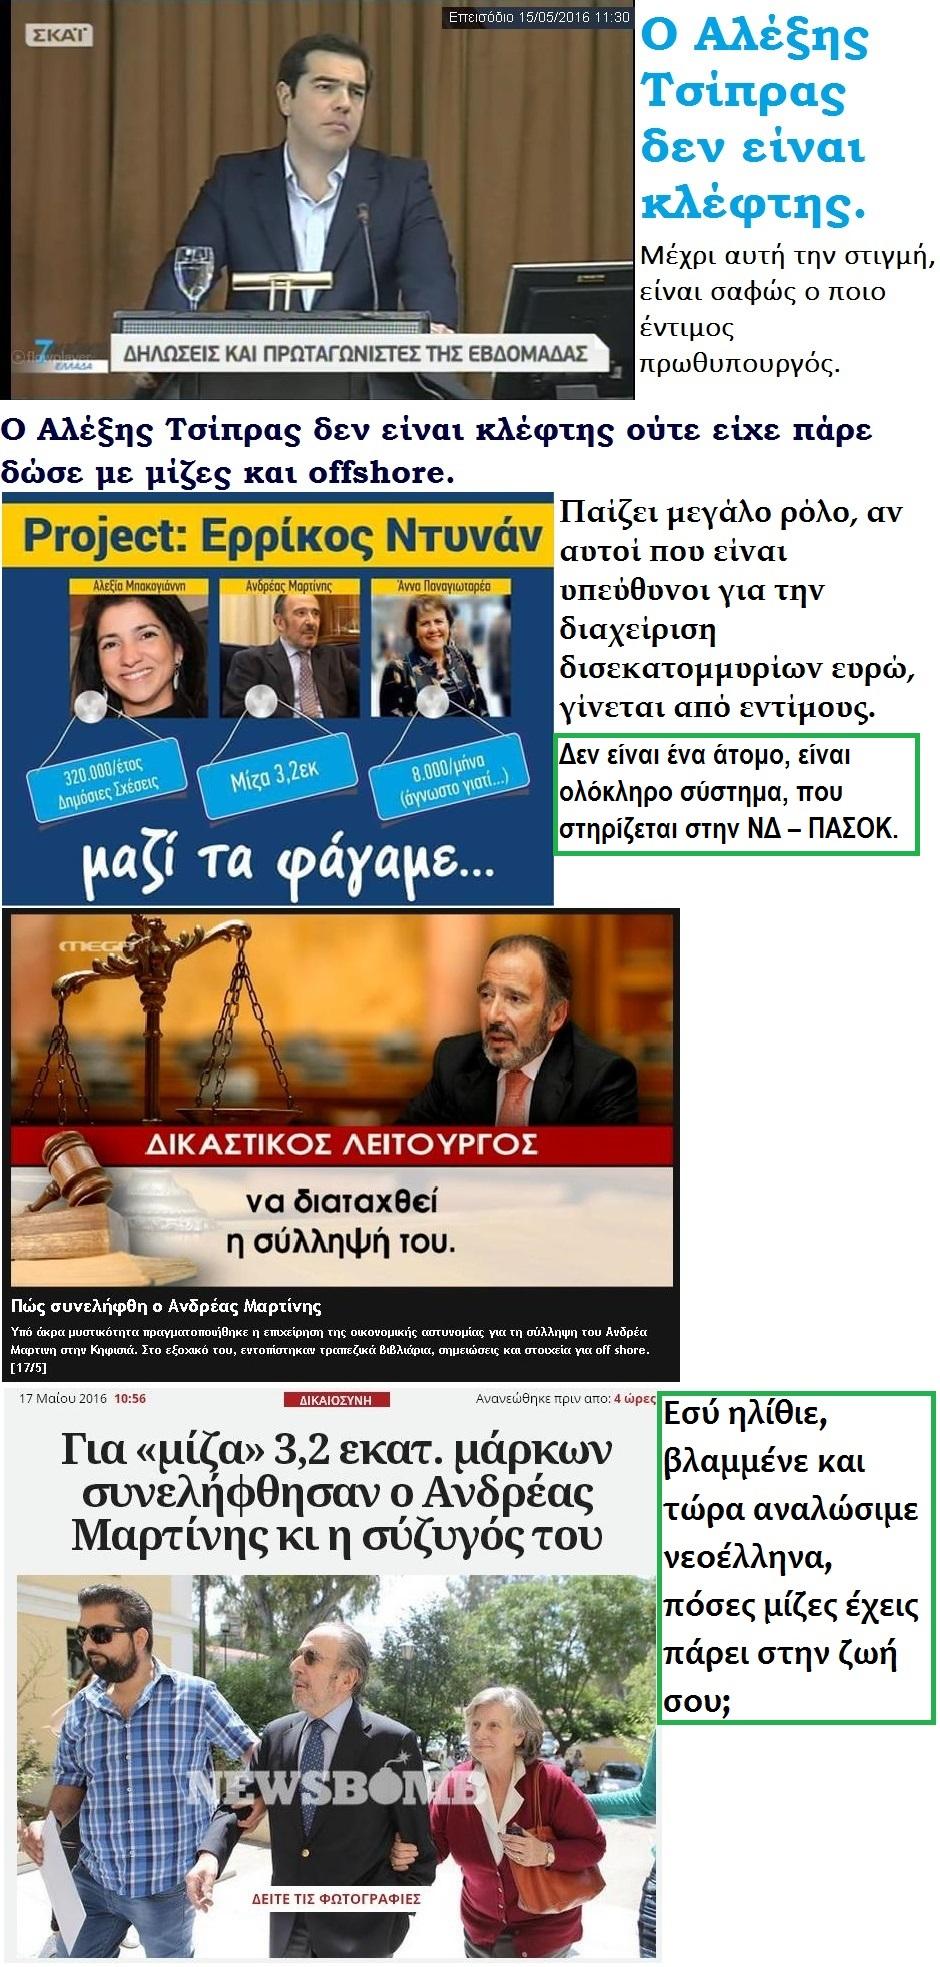 ELLADA MARTINIS ERIKOS DYNAN MIZES TSIPRAS 01 250516